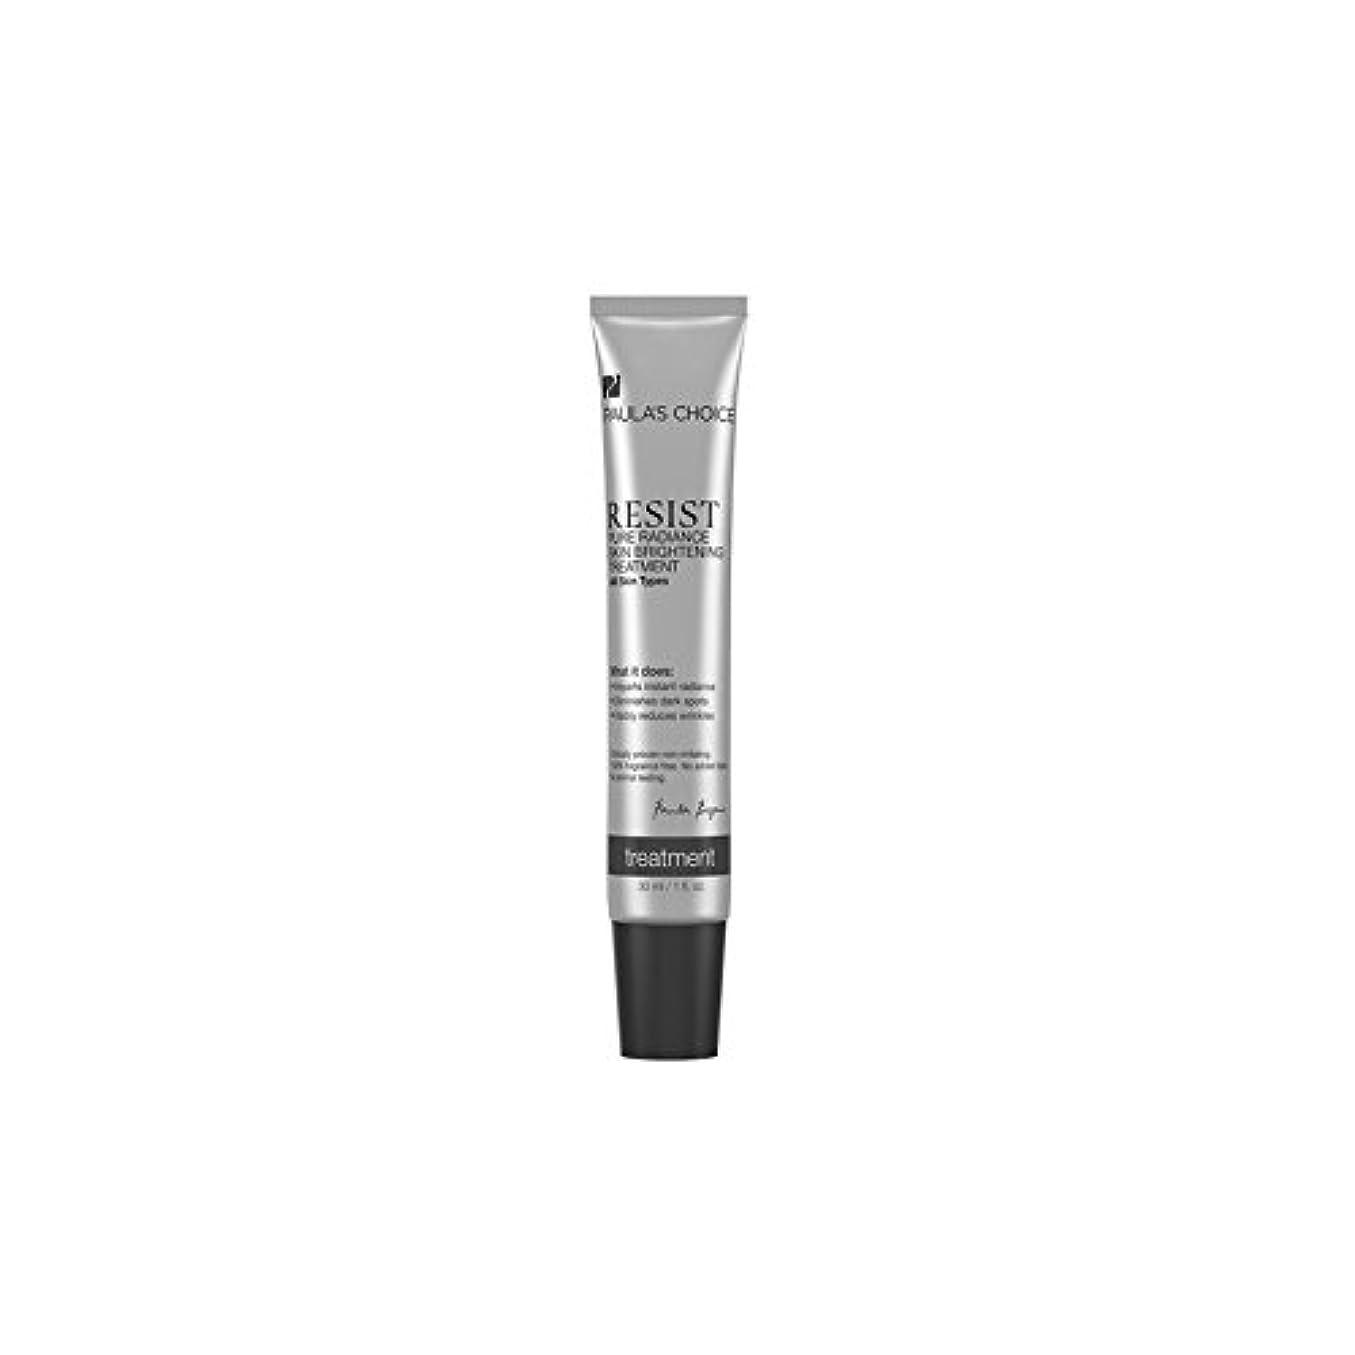 才能泣く促進するPaula's Choice Resist Pure Radiance Skin Brightening Treatment (30ml) - ポーラチョイスは純粋な輝き肌ブライトニングトリートメント(30ミリリットル)を抵抗します [並行輸入品]